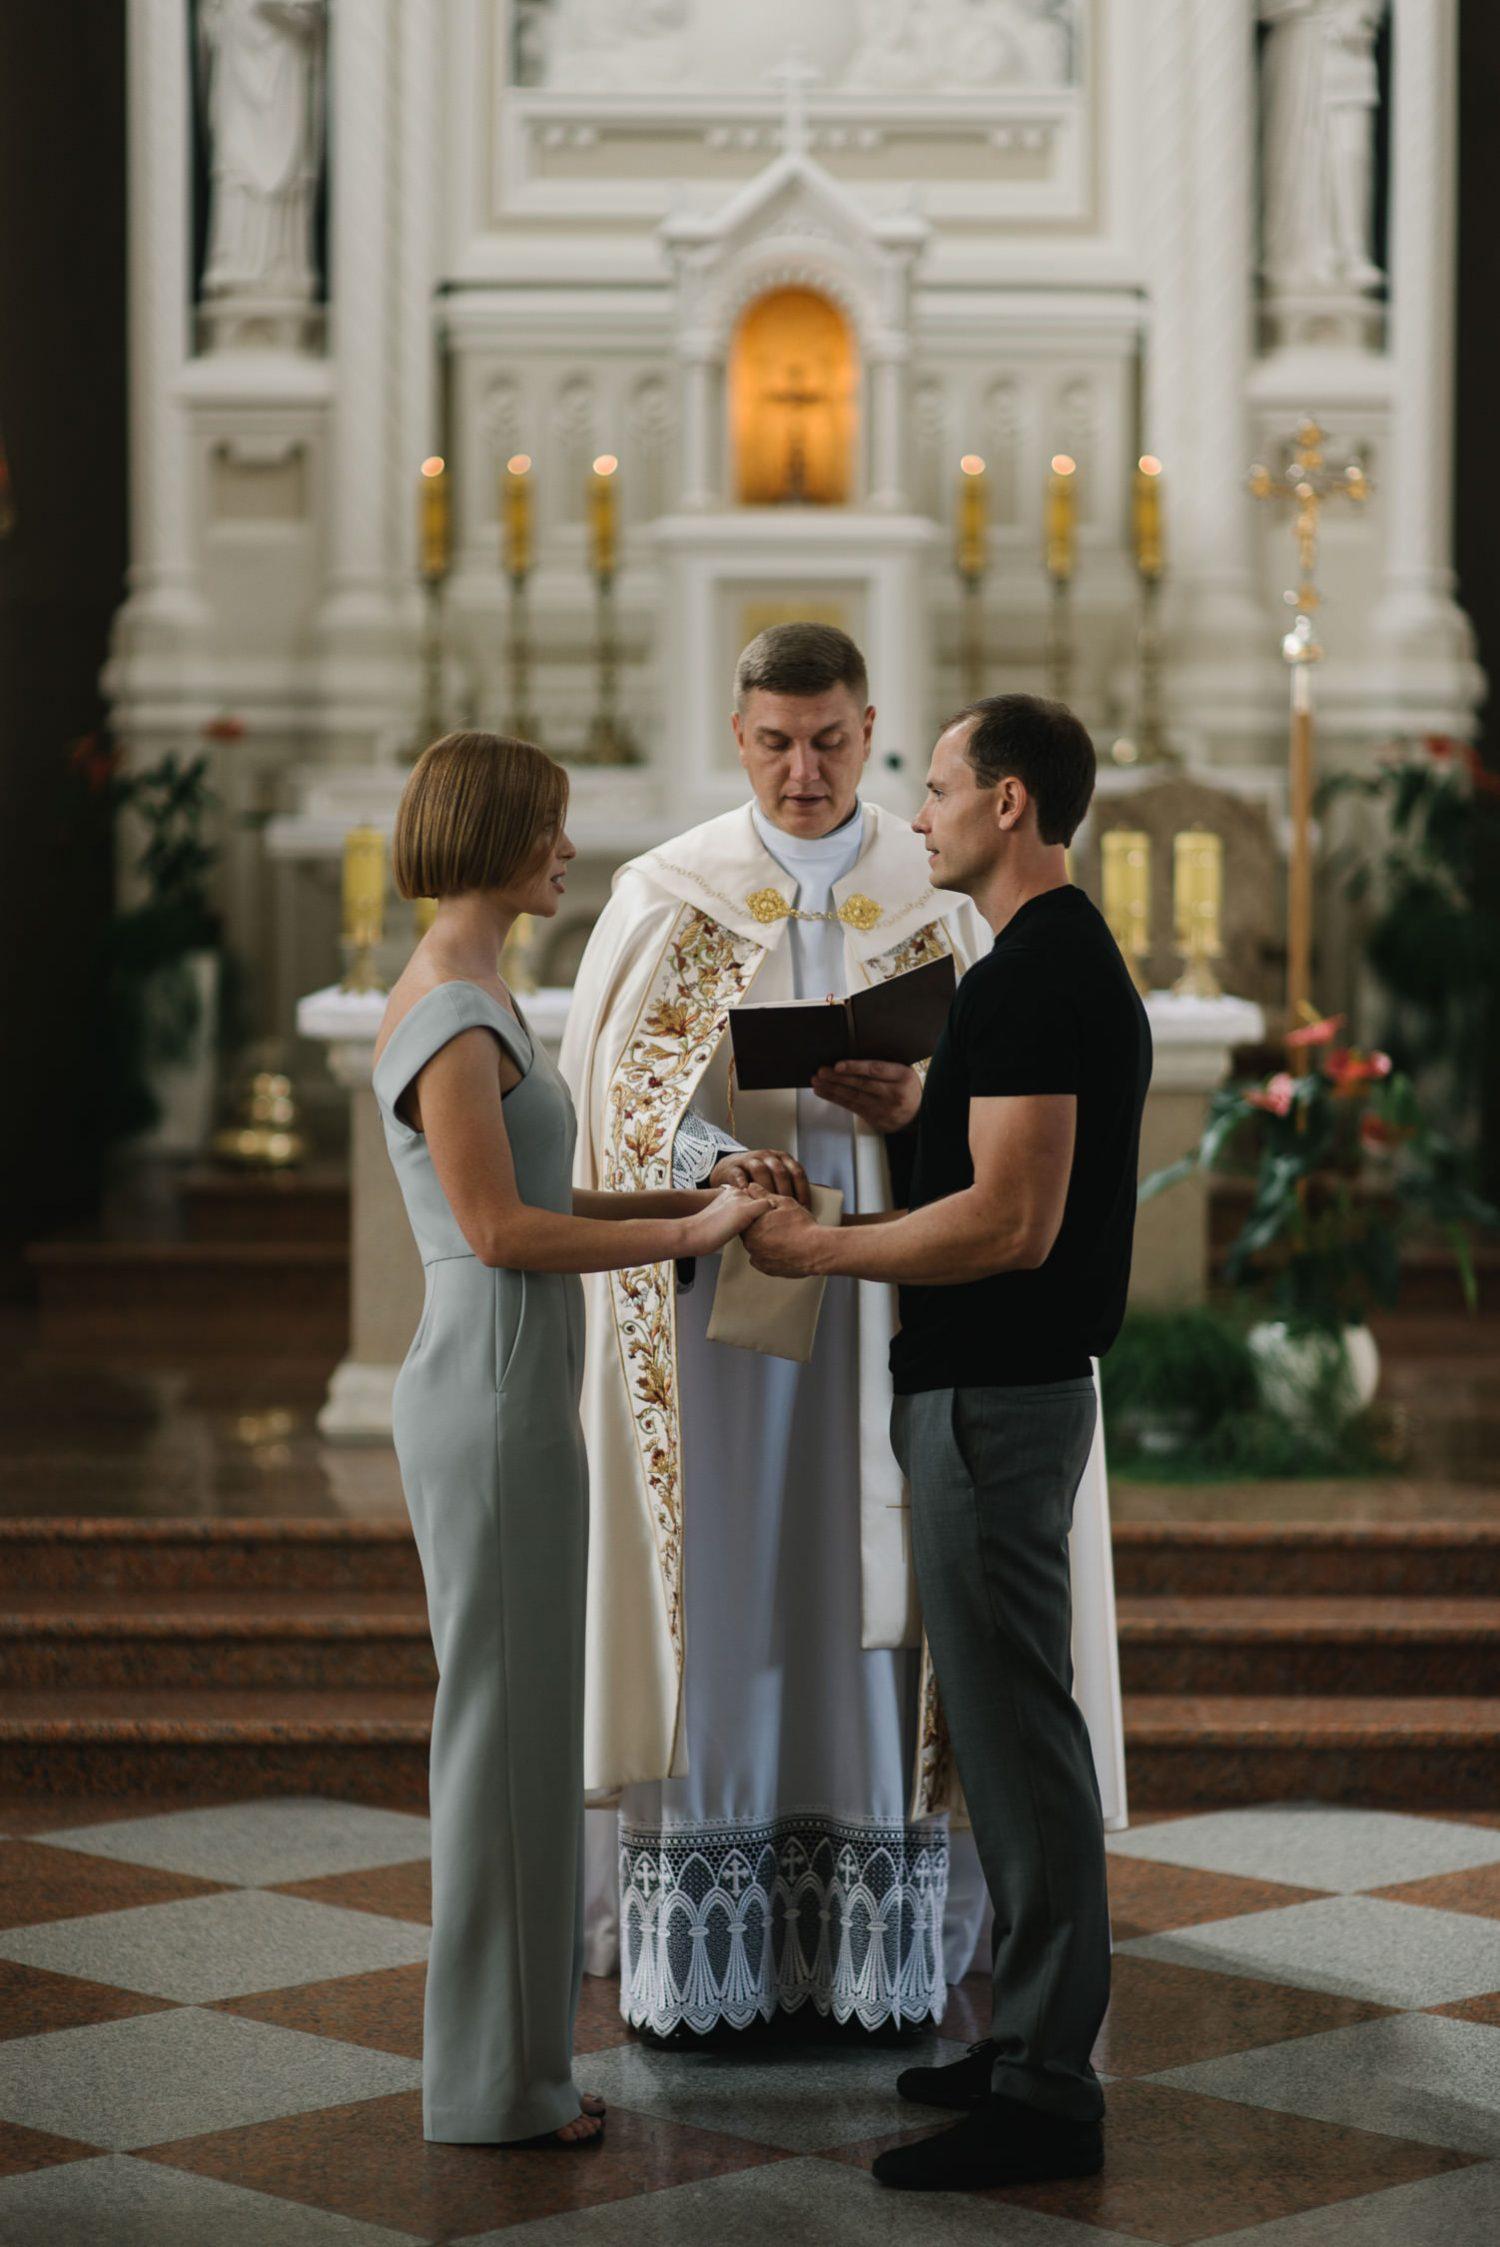 Dovilė ir Vygantas vestuvių ceremonijos metu priešais altorių